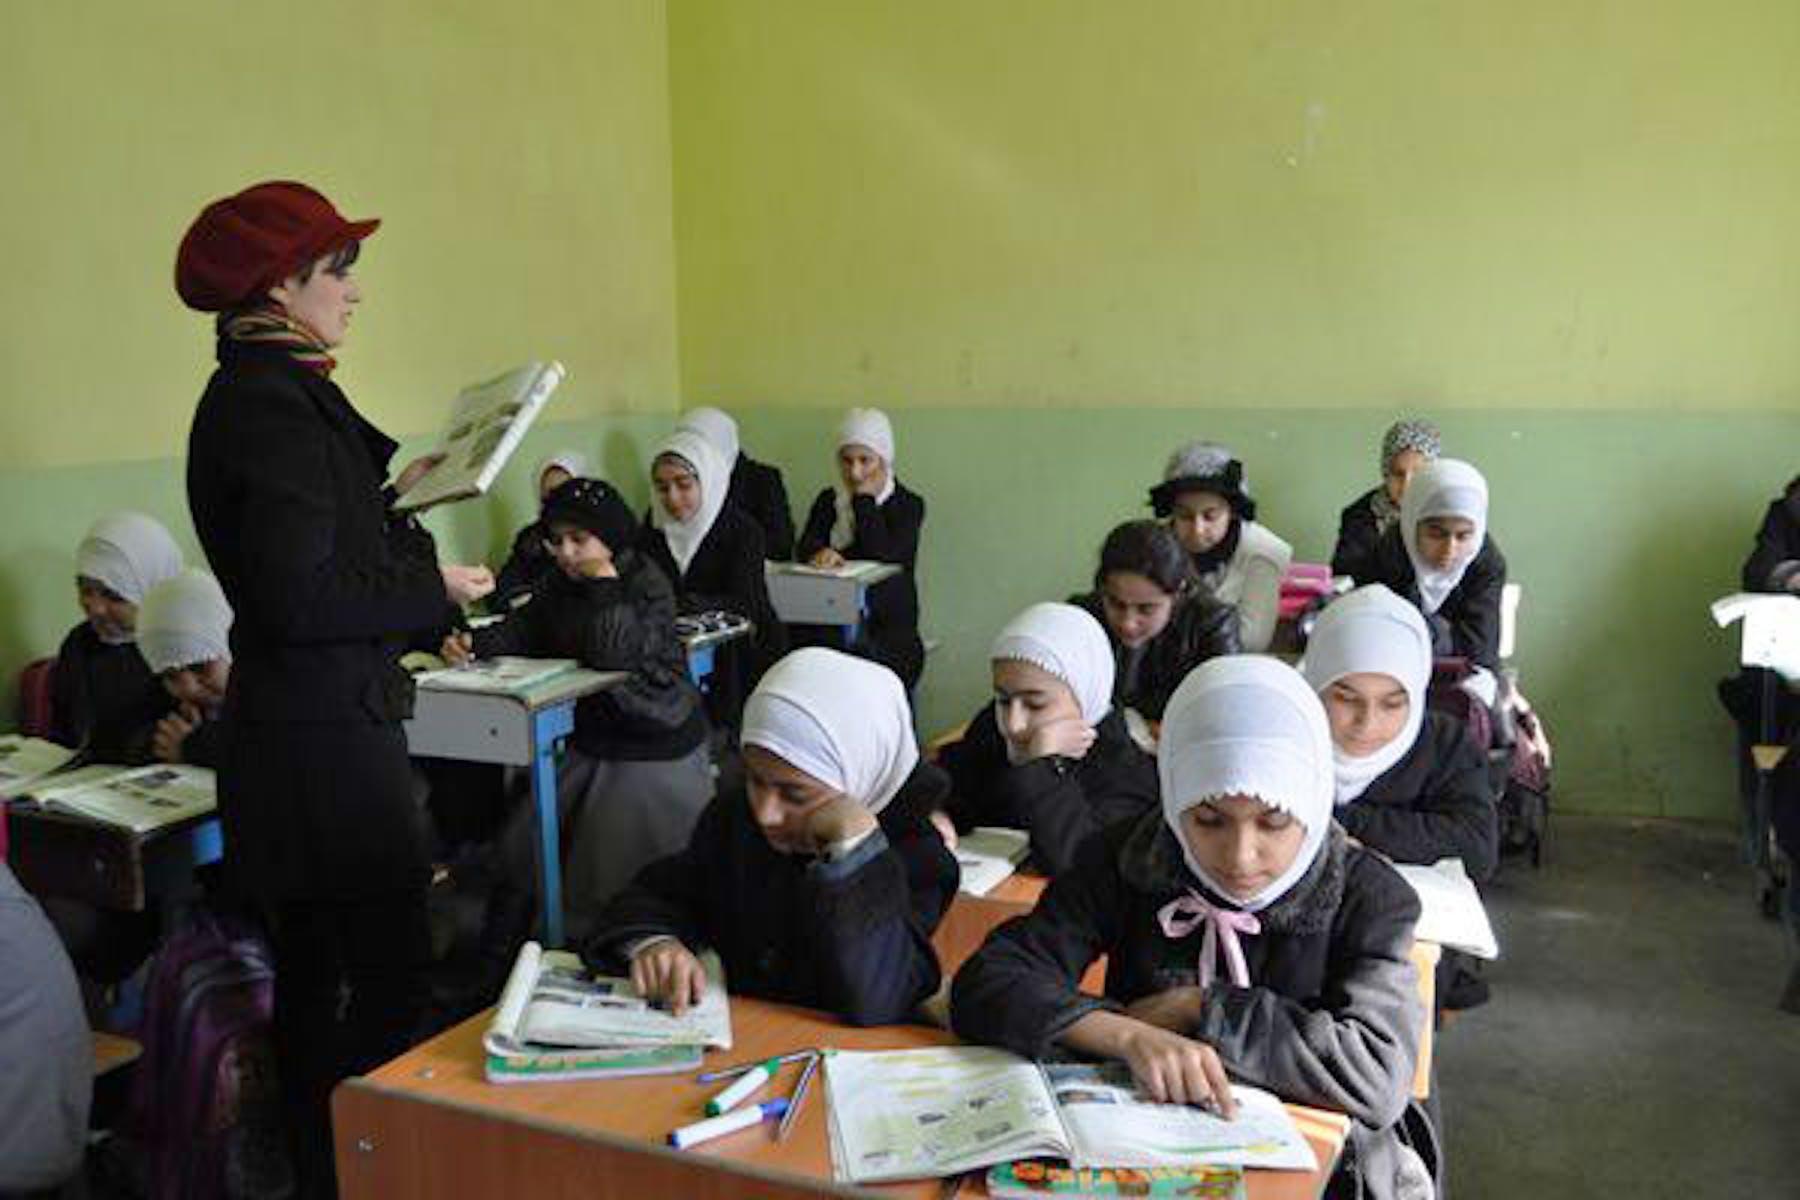 Una scuola femminile in Iraq - ©www.onu.org/br